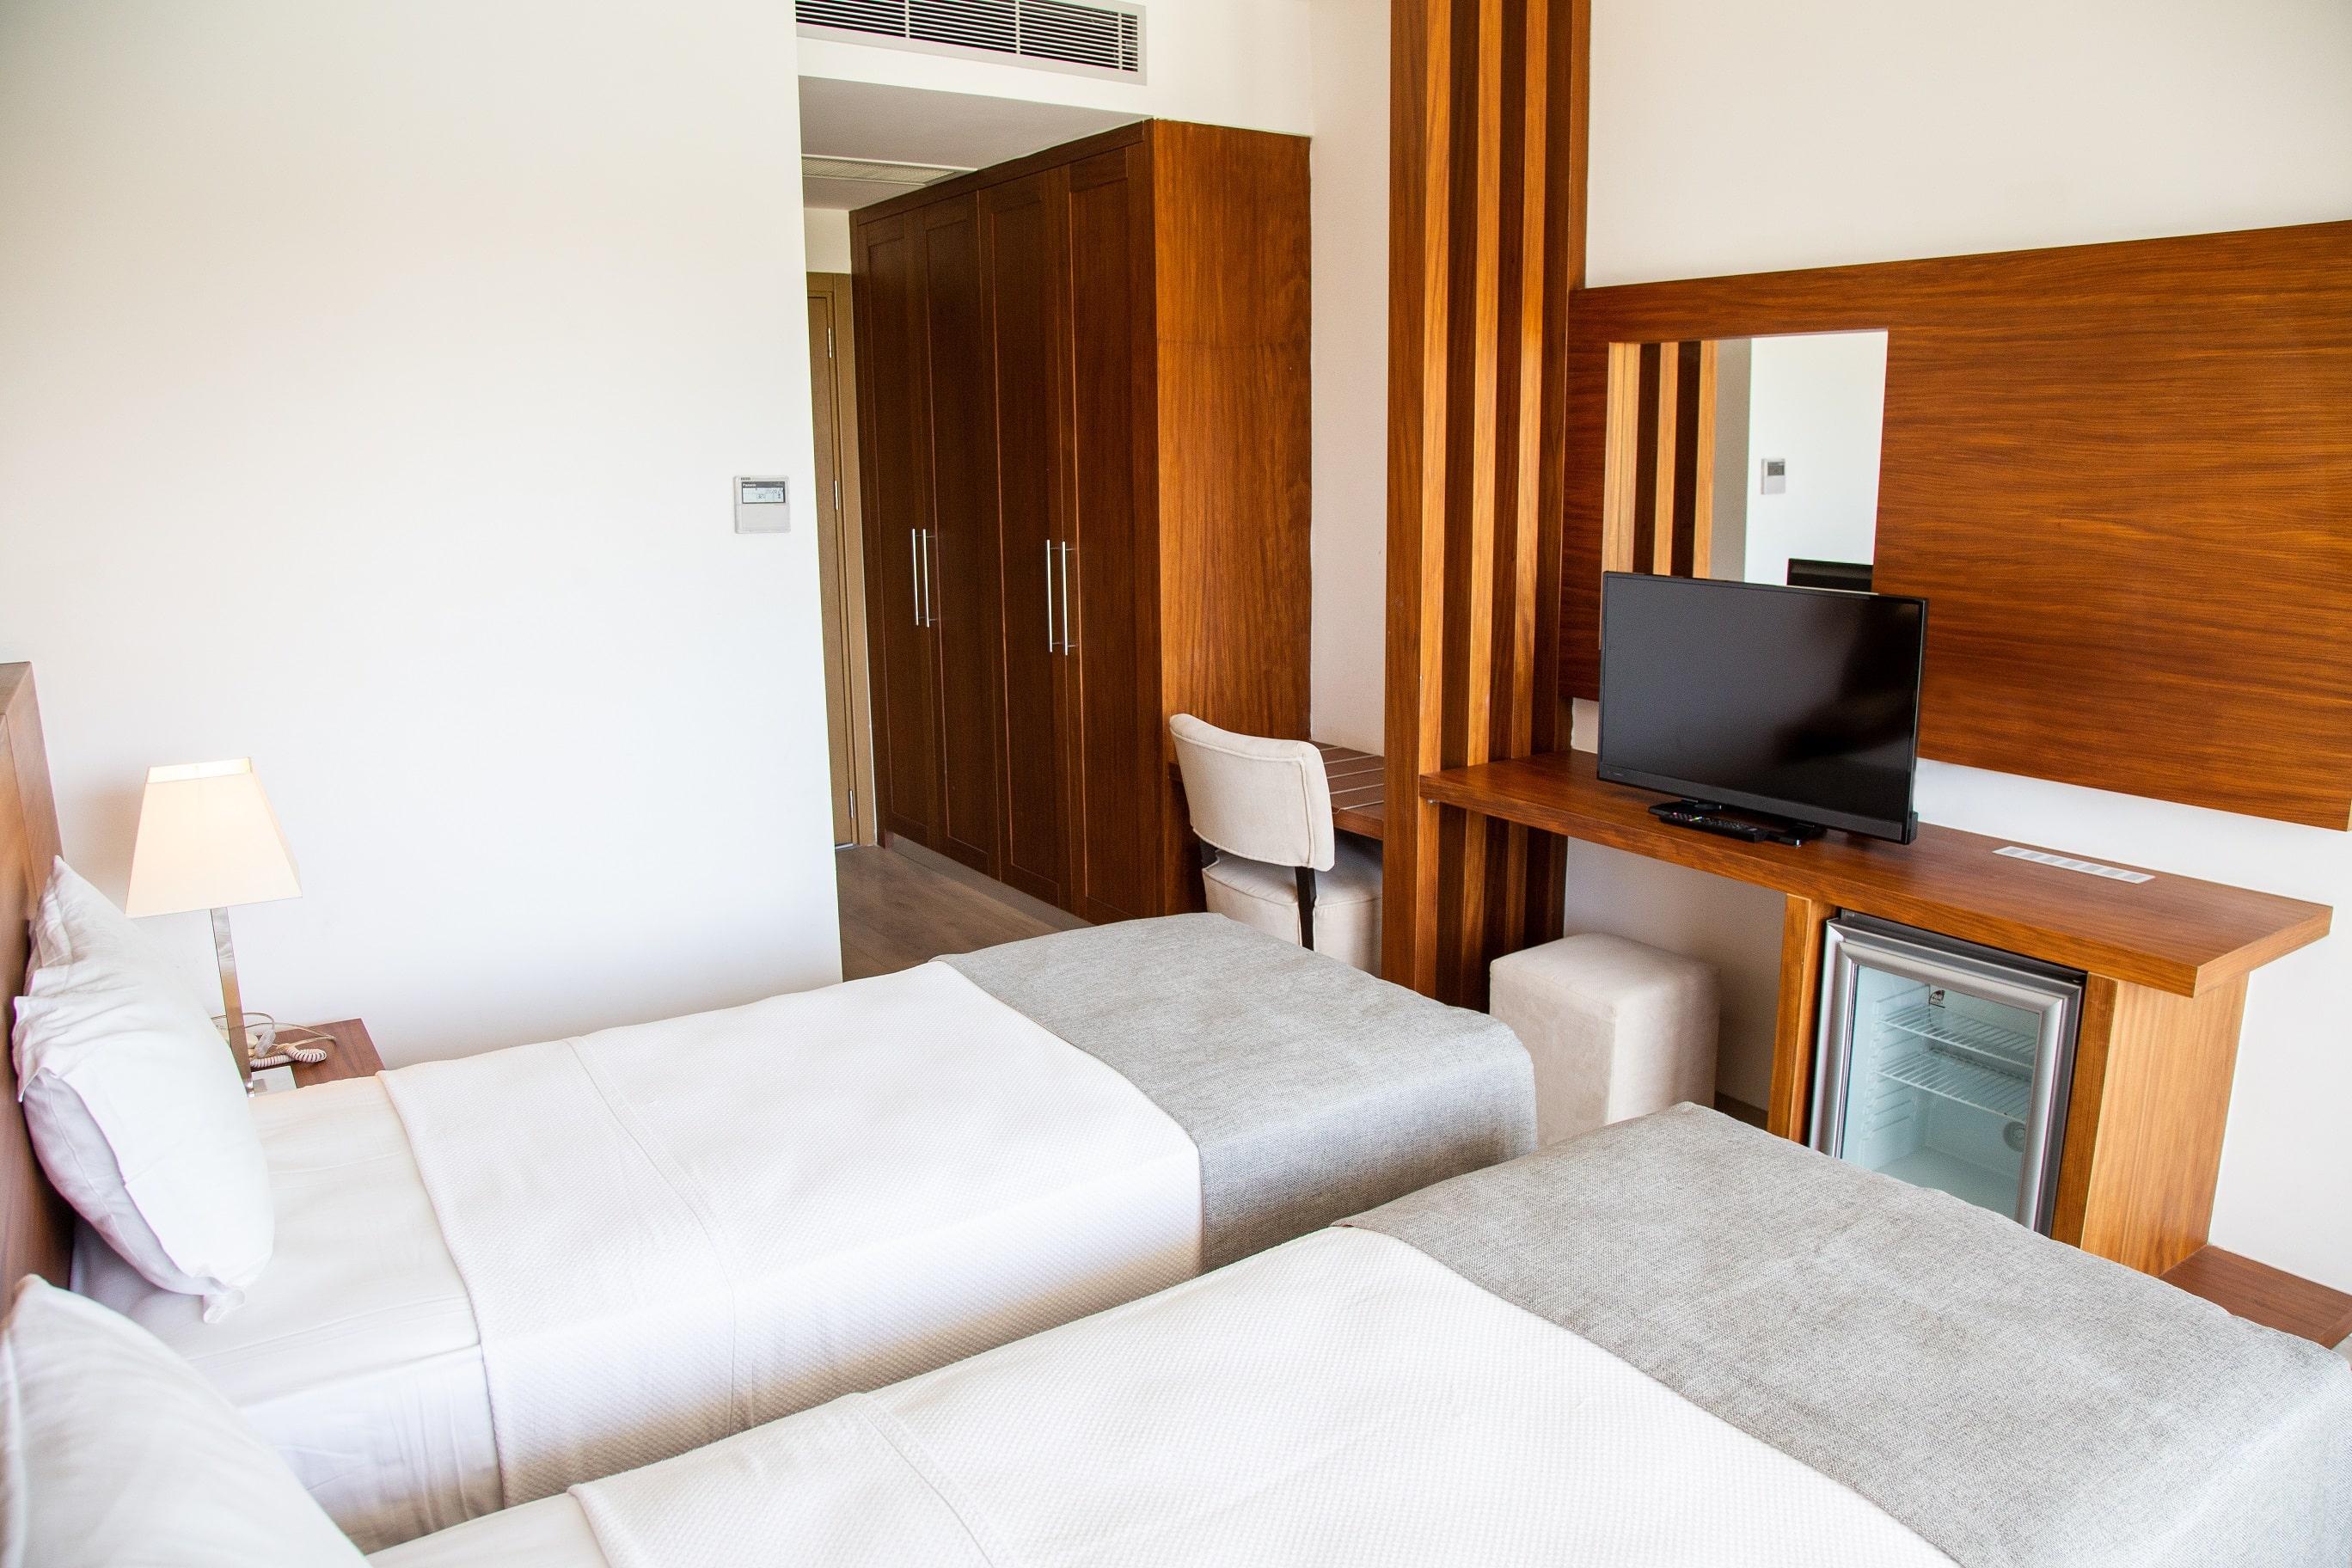 casa-de-playa-hotel-deluxe-oda-5